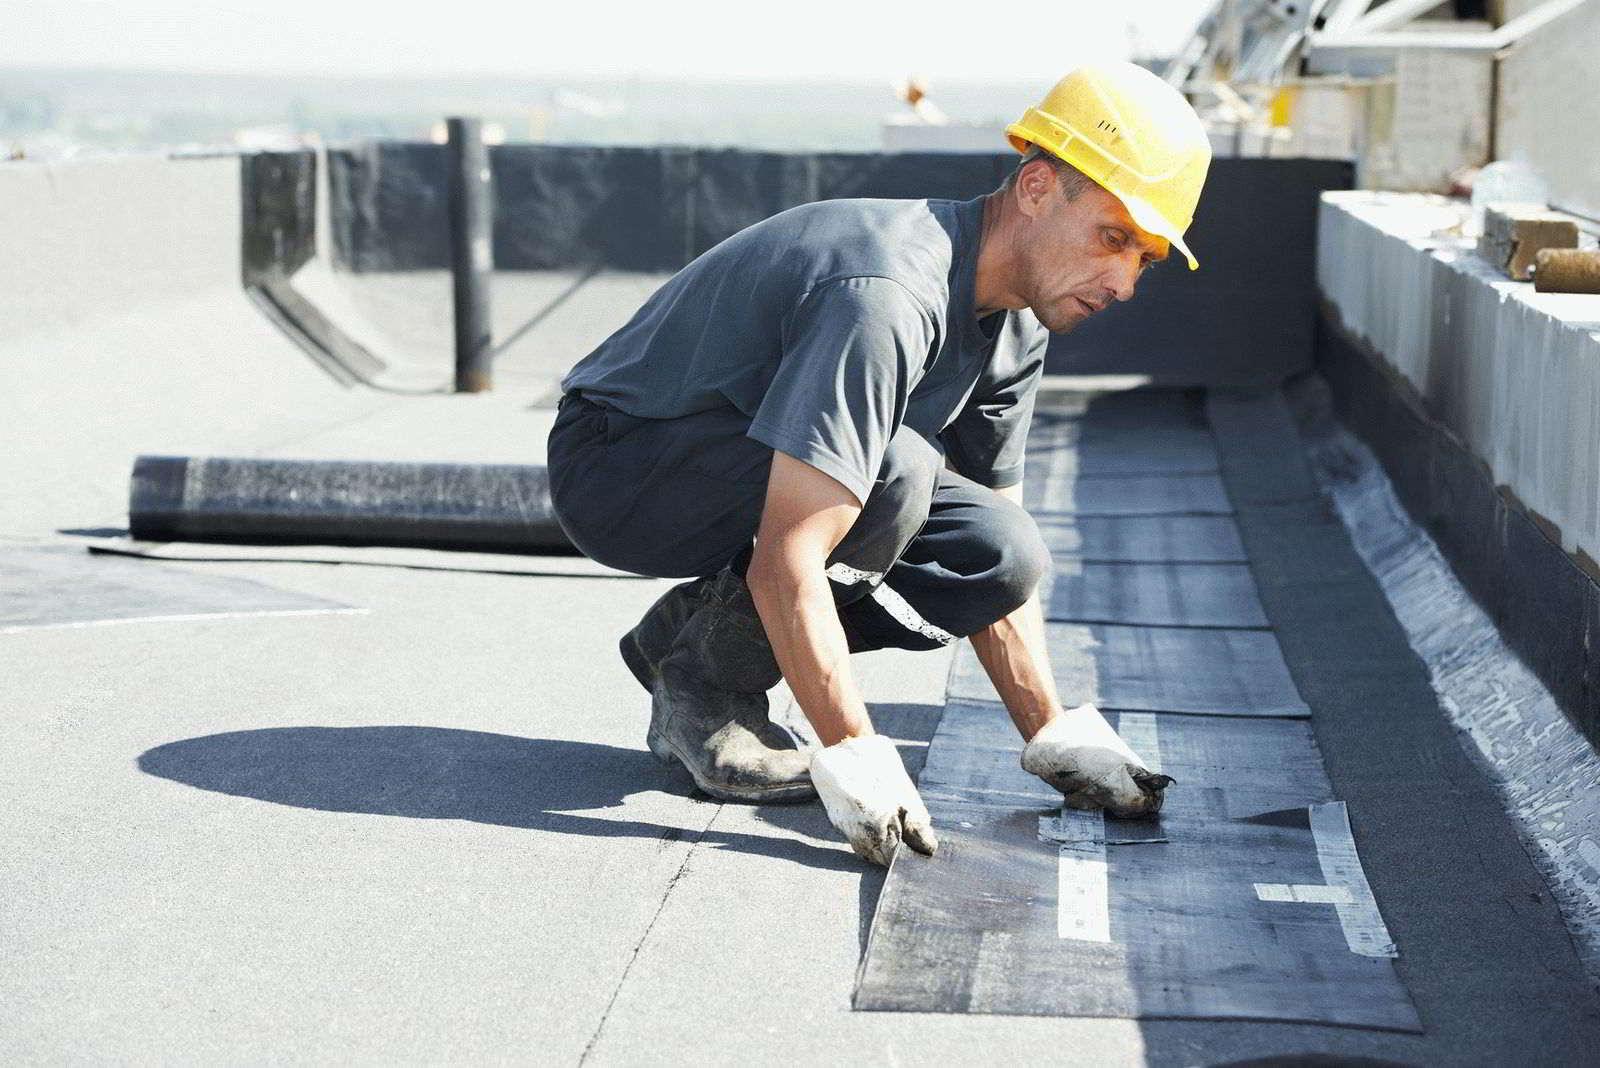 Рейтинг лучших материалов для плоской крыши в 2020 году